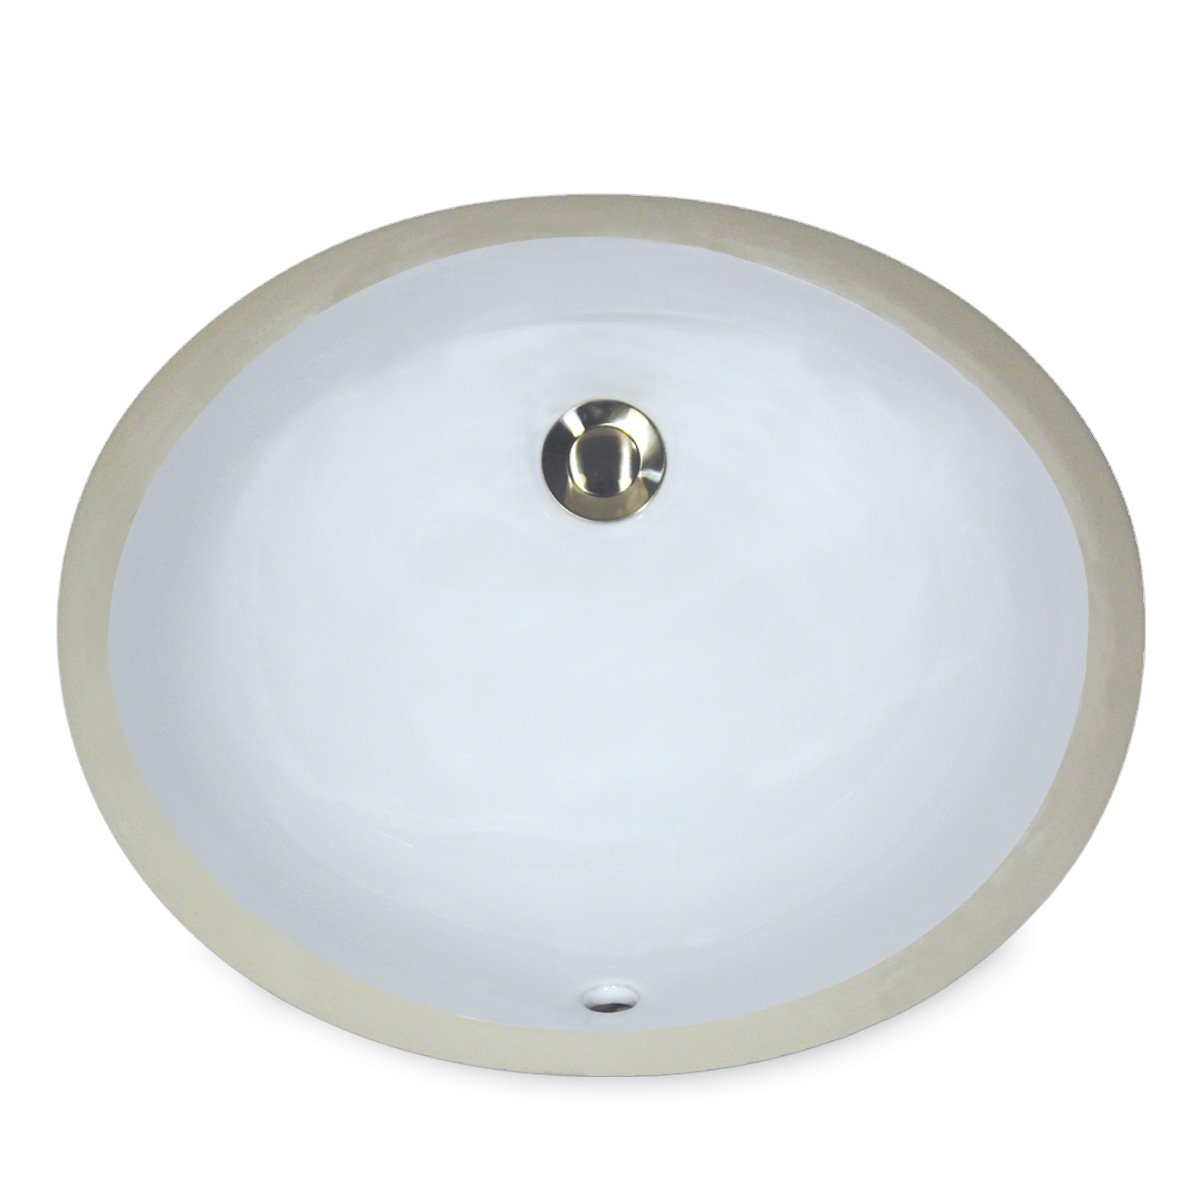 Nantucket Spülen um-17X 14-w-k 43cm von 35,6cm oval Keramik Unterbau Vanity Waschbecken, Weiß Nantucket Sinks UM-17x14-W-K